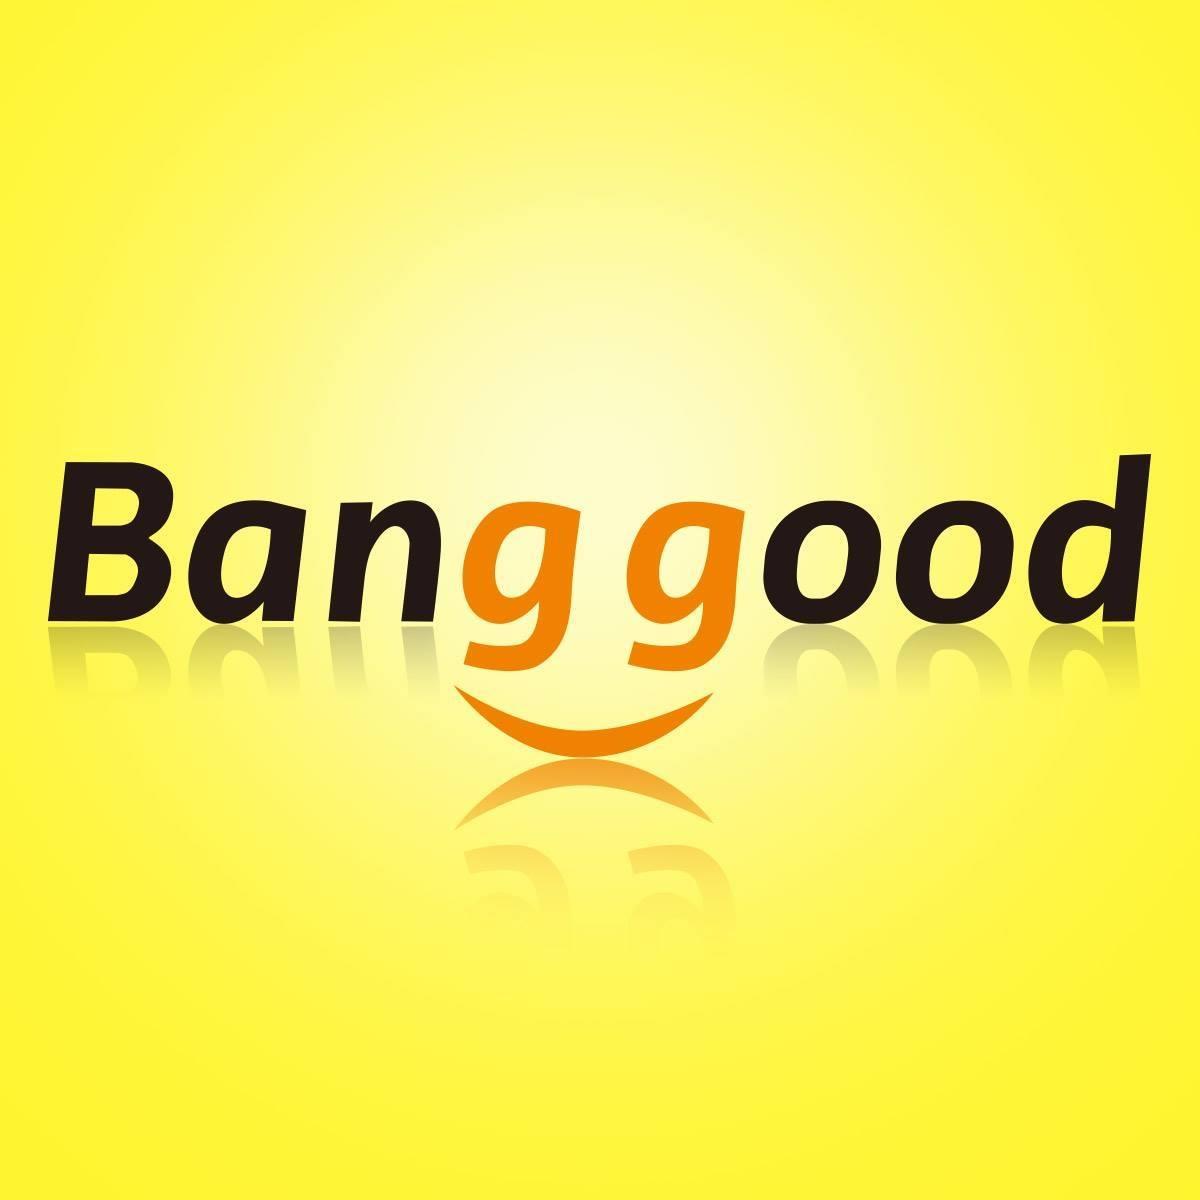 BANGGOOD.in